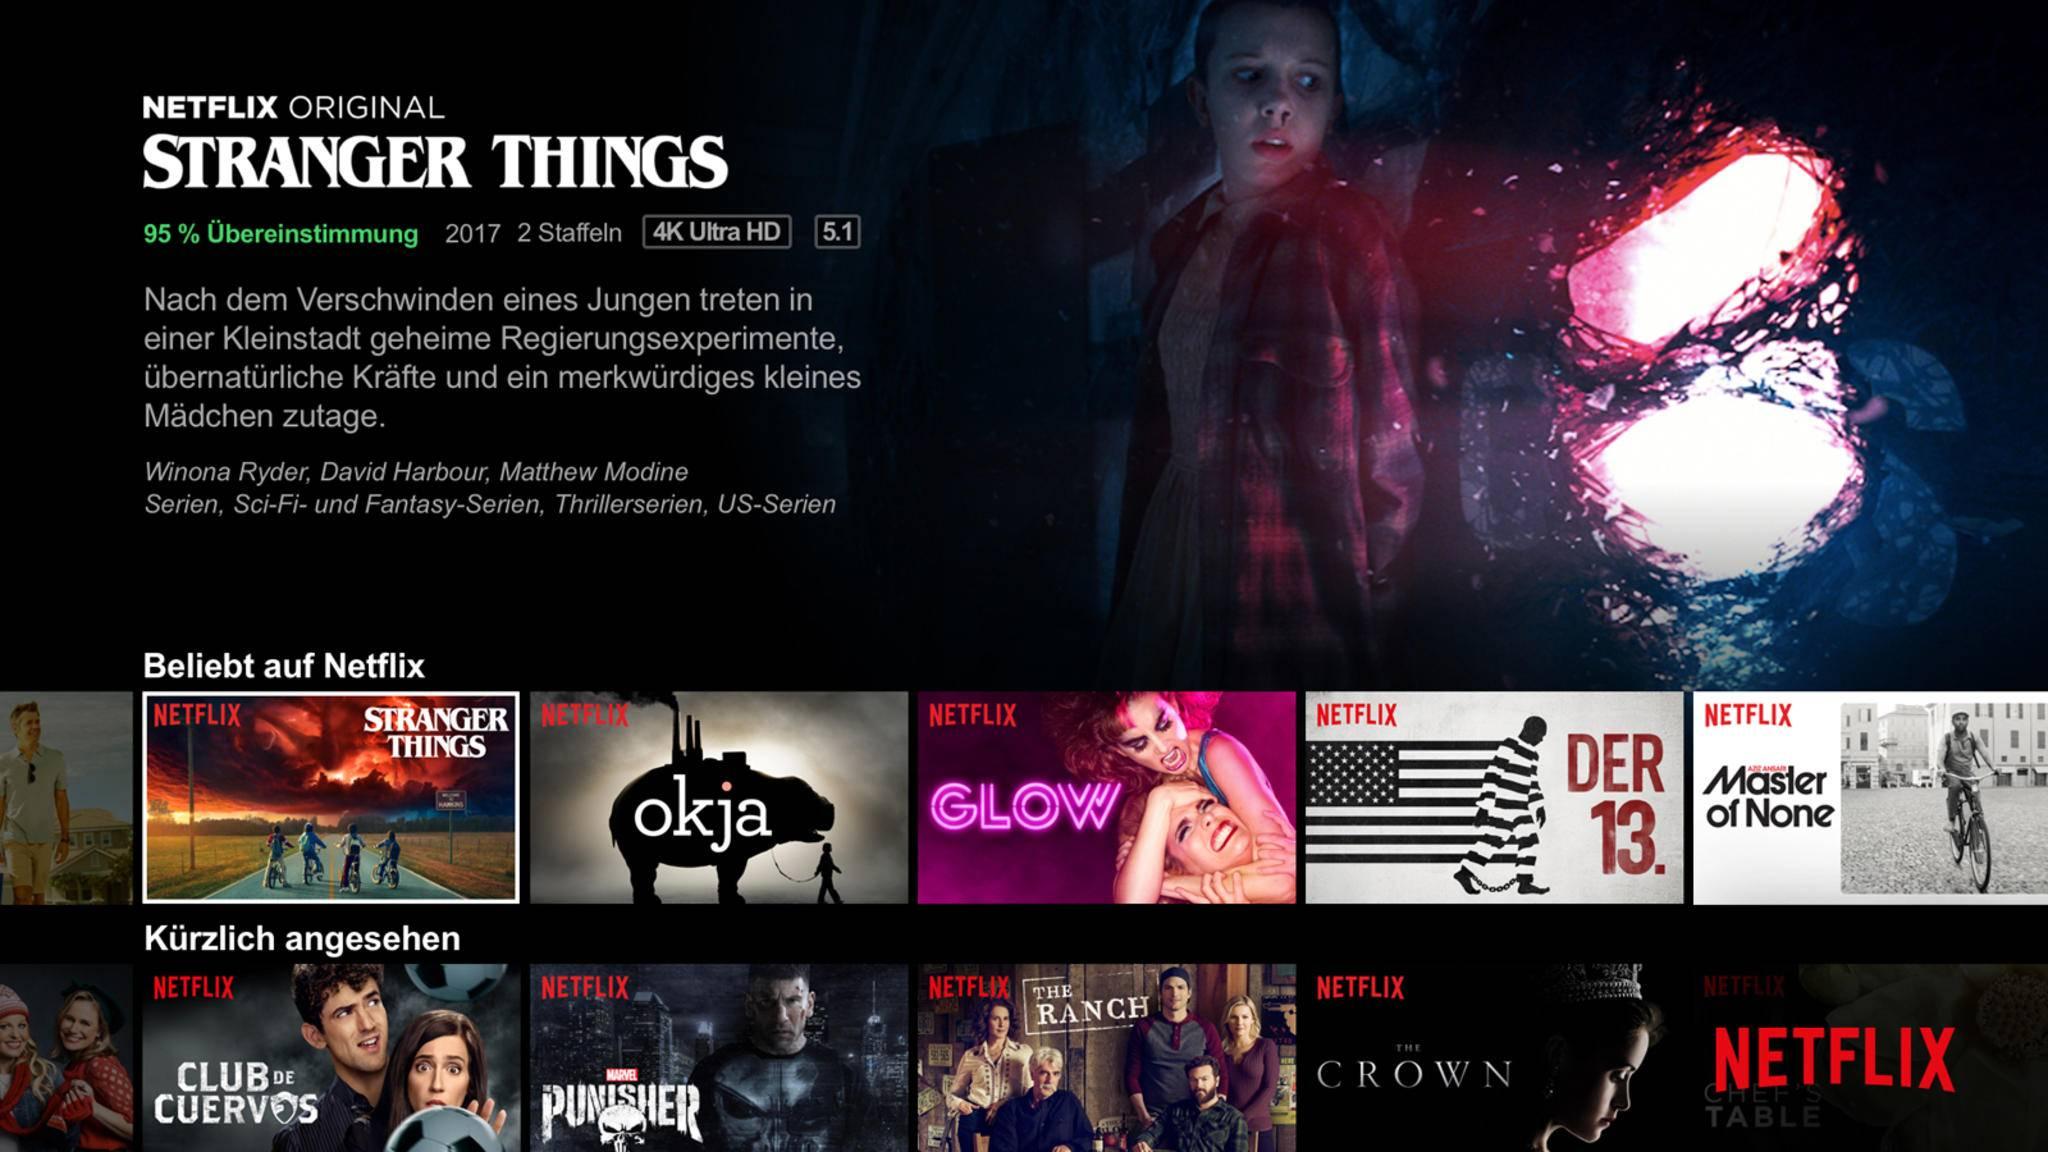 Keine Lust mehr auf die immer wiederkehrenden Vorschläge von Netflix? Dann probier's mal mit Netflix-Roulette.